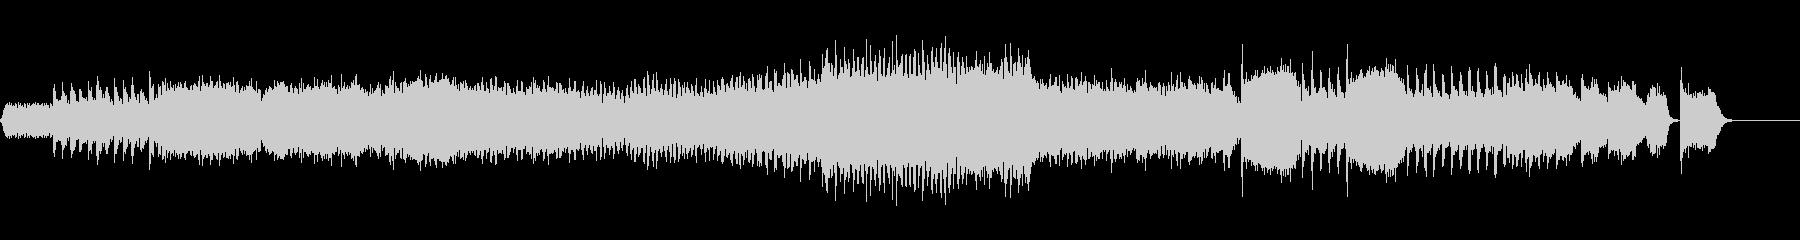 セントポール組曲 第二楽章オスティナートの未再生の波形